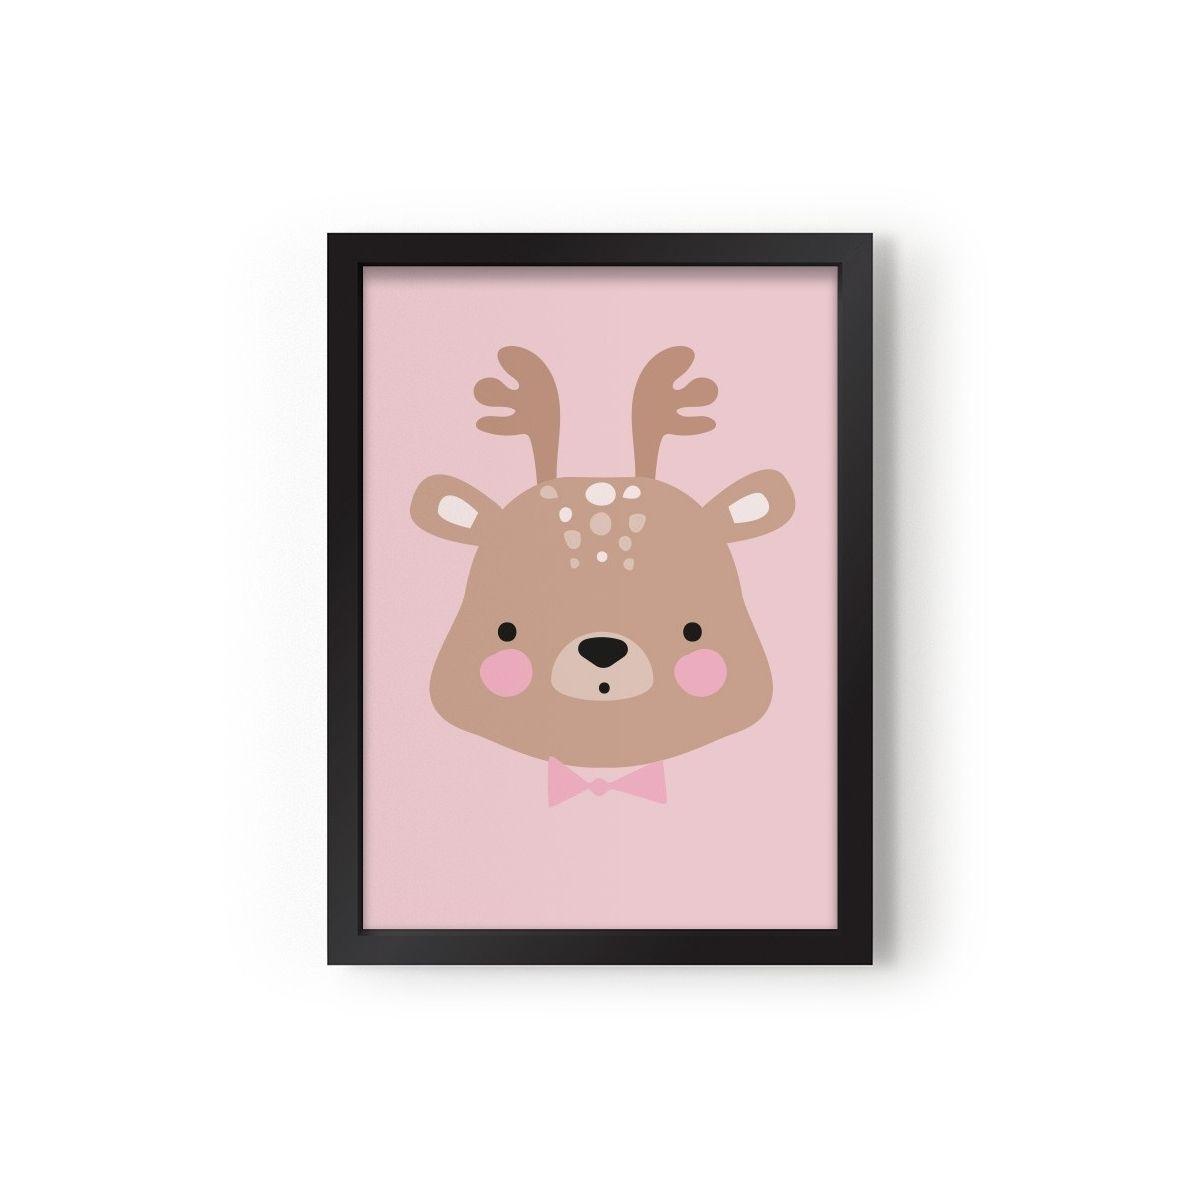 Plakat Ms. Deer - Eef Lillemor